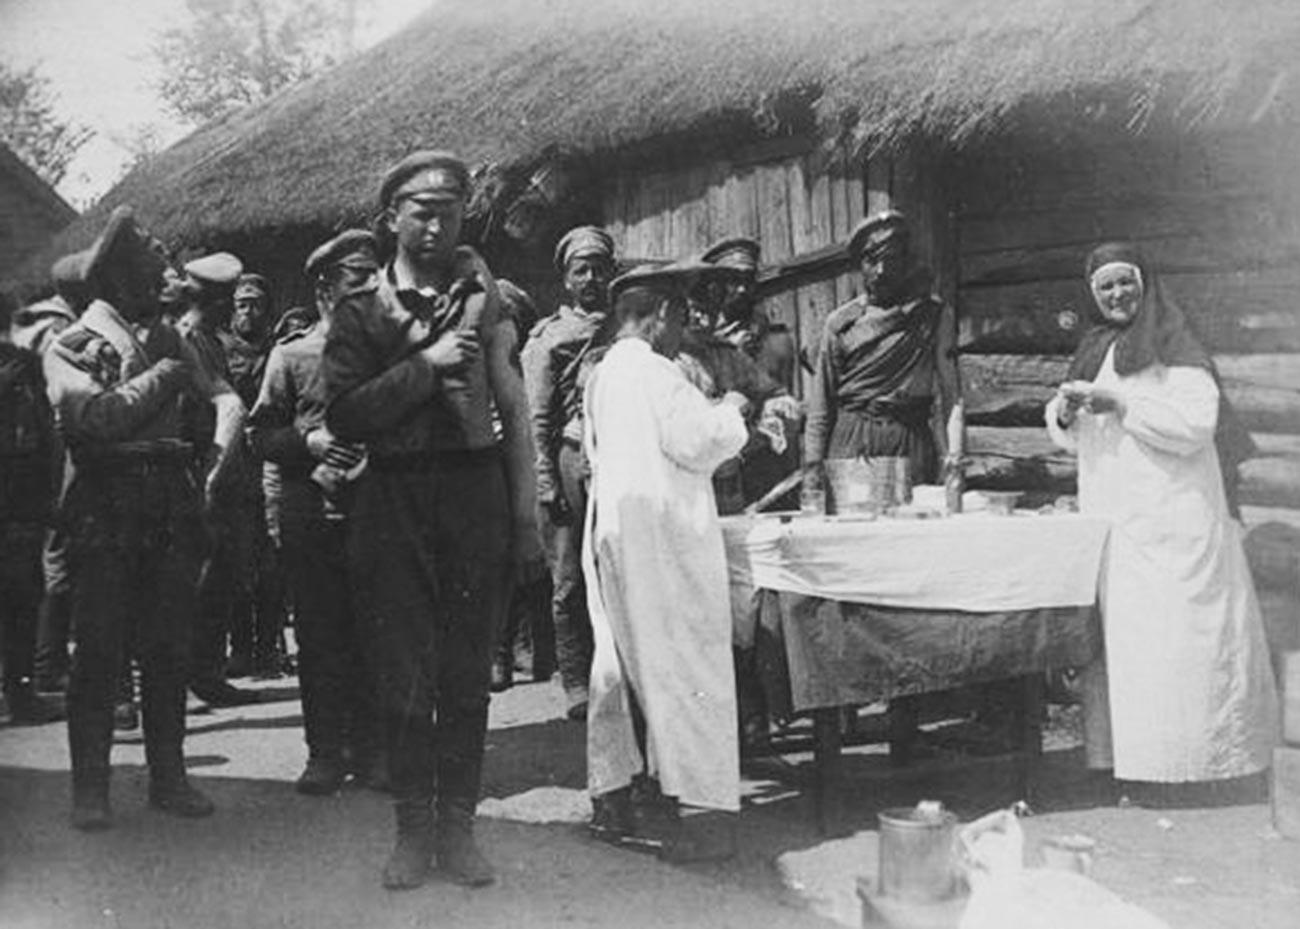 Soldats vaccinés contre le choléra pendant la Première Guerre mondiale, 1914